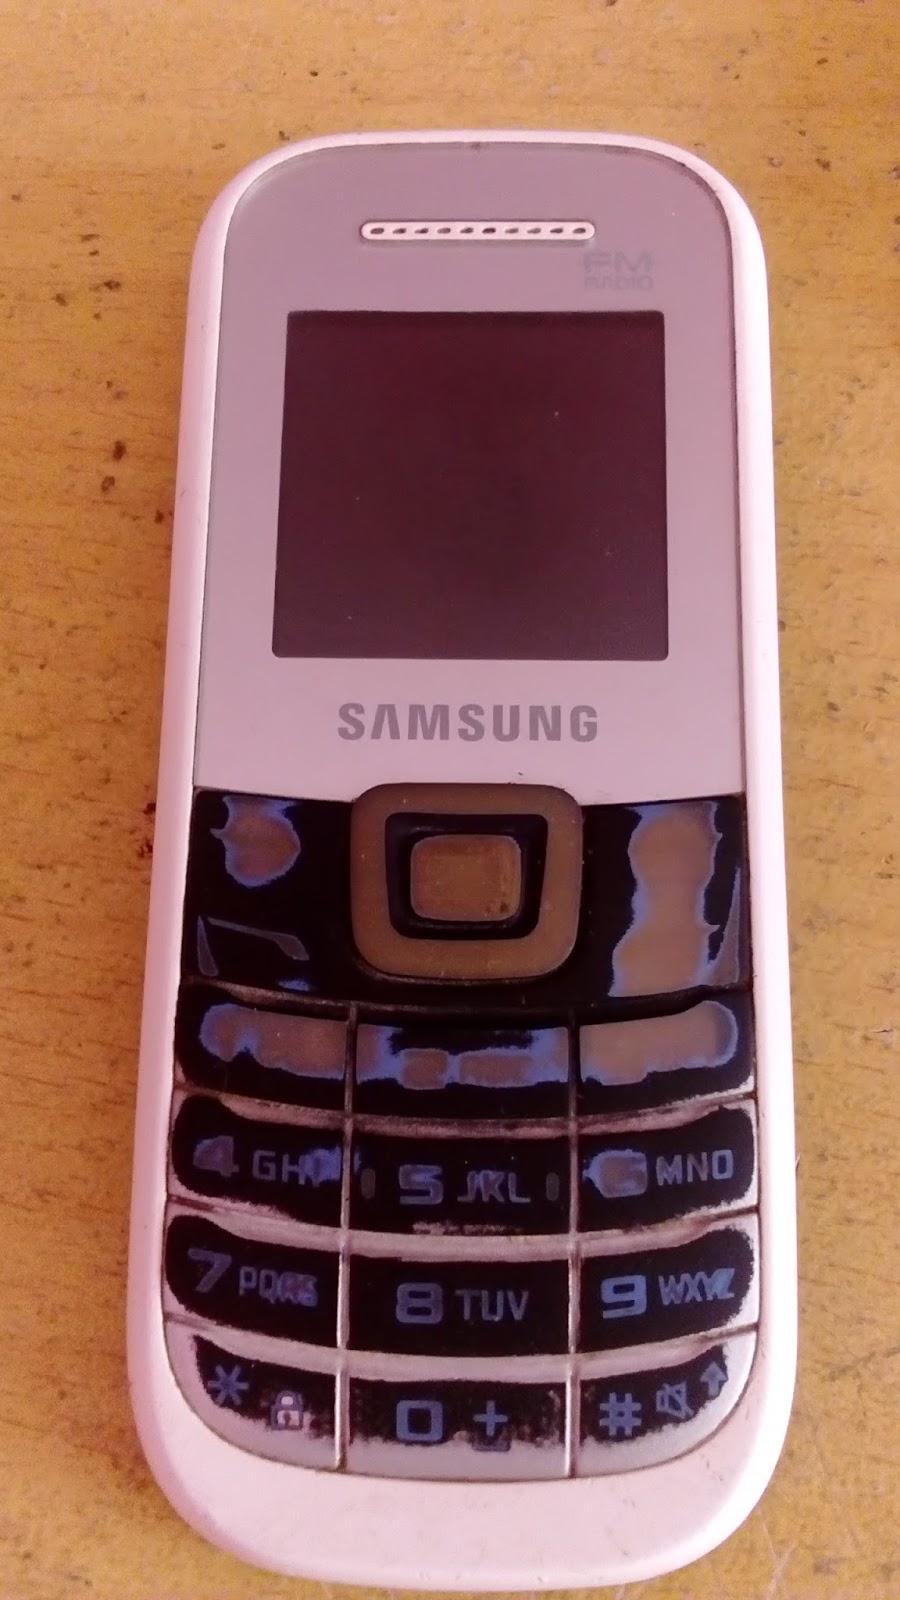 Samsung 1205y Dicas Hidupdicabut Cas Mati Dh4nicellblogspotcoid Hp Samung Cara Perbaiki Ketika Di Hidupkan Pakai Batre Tidak Mau Hidupwaktu Hidupdi Cabut Jadi Ini Solusinya